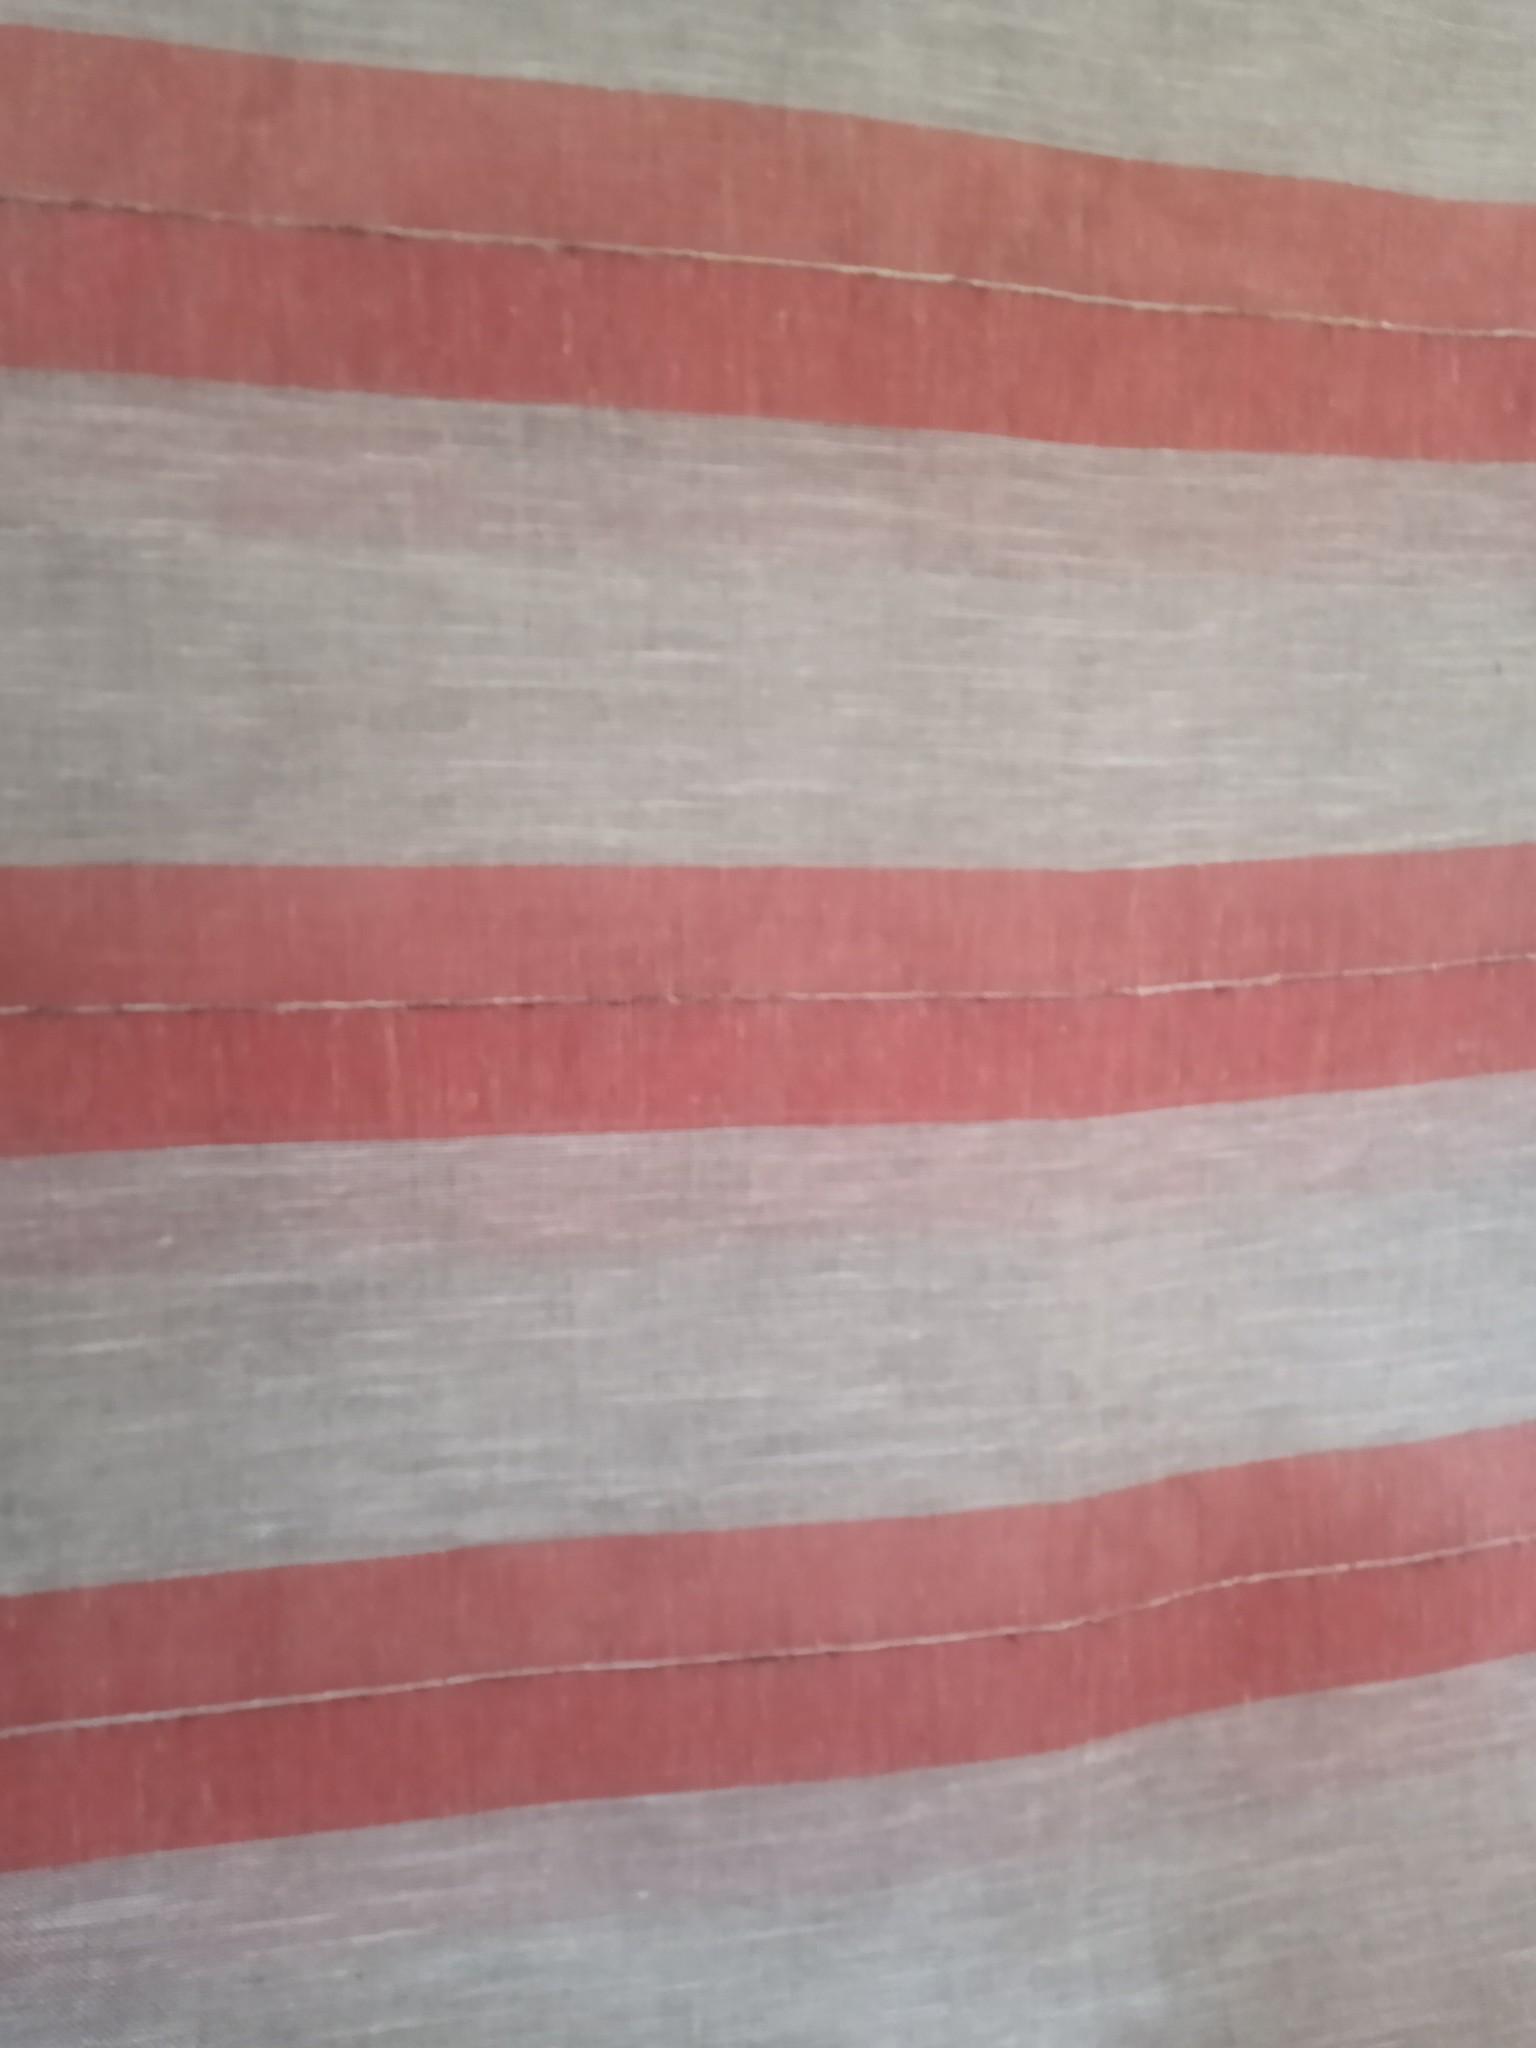 Ecru and orange striped curtain